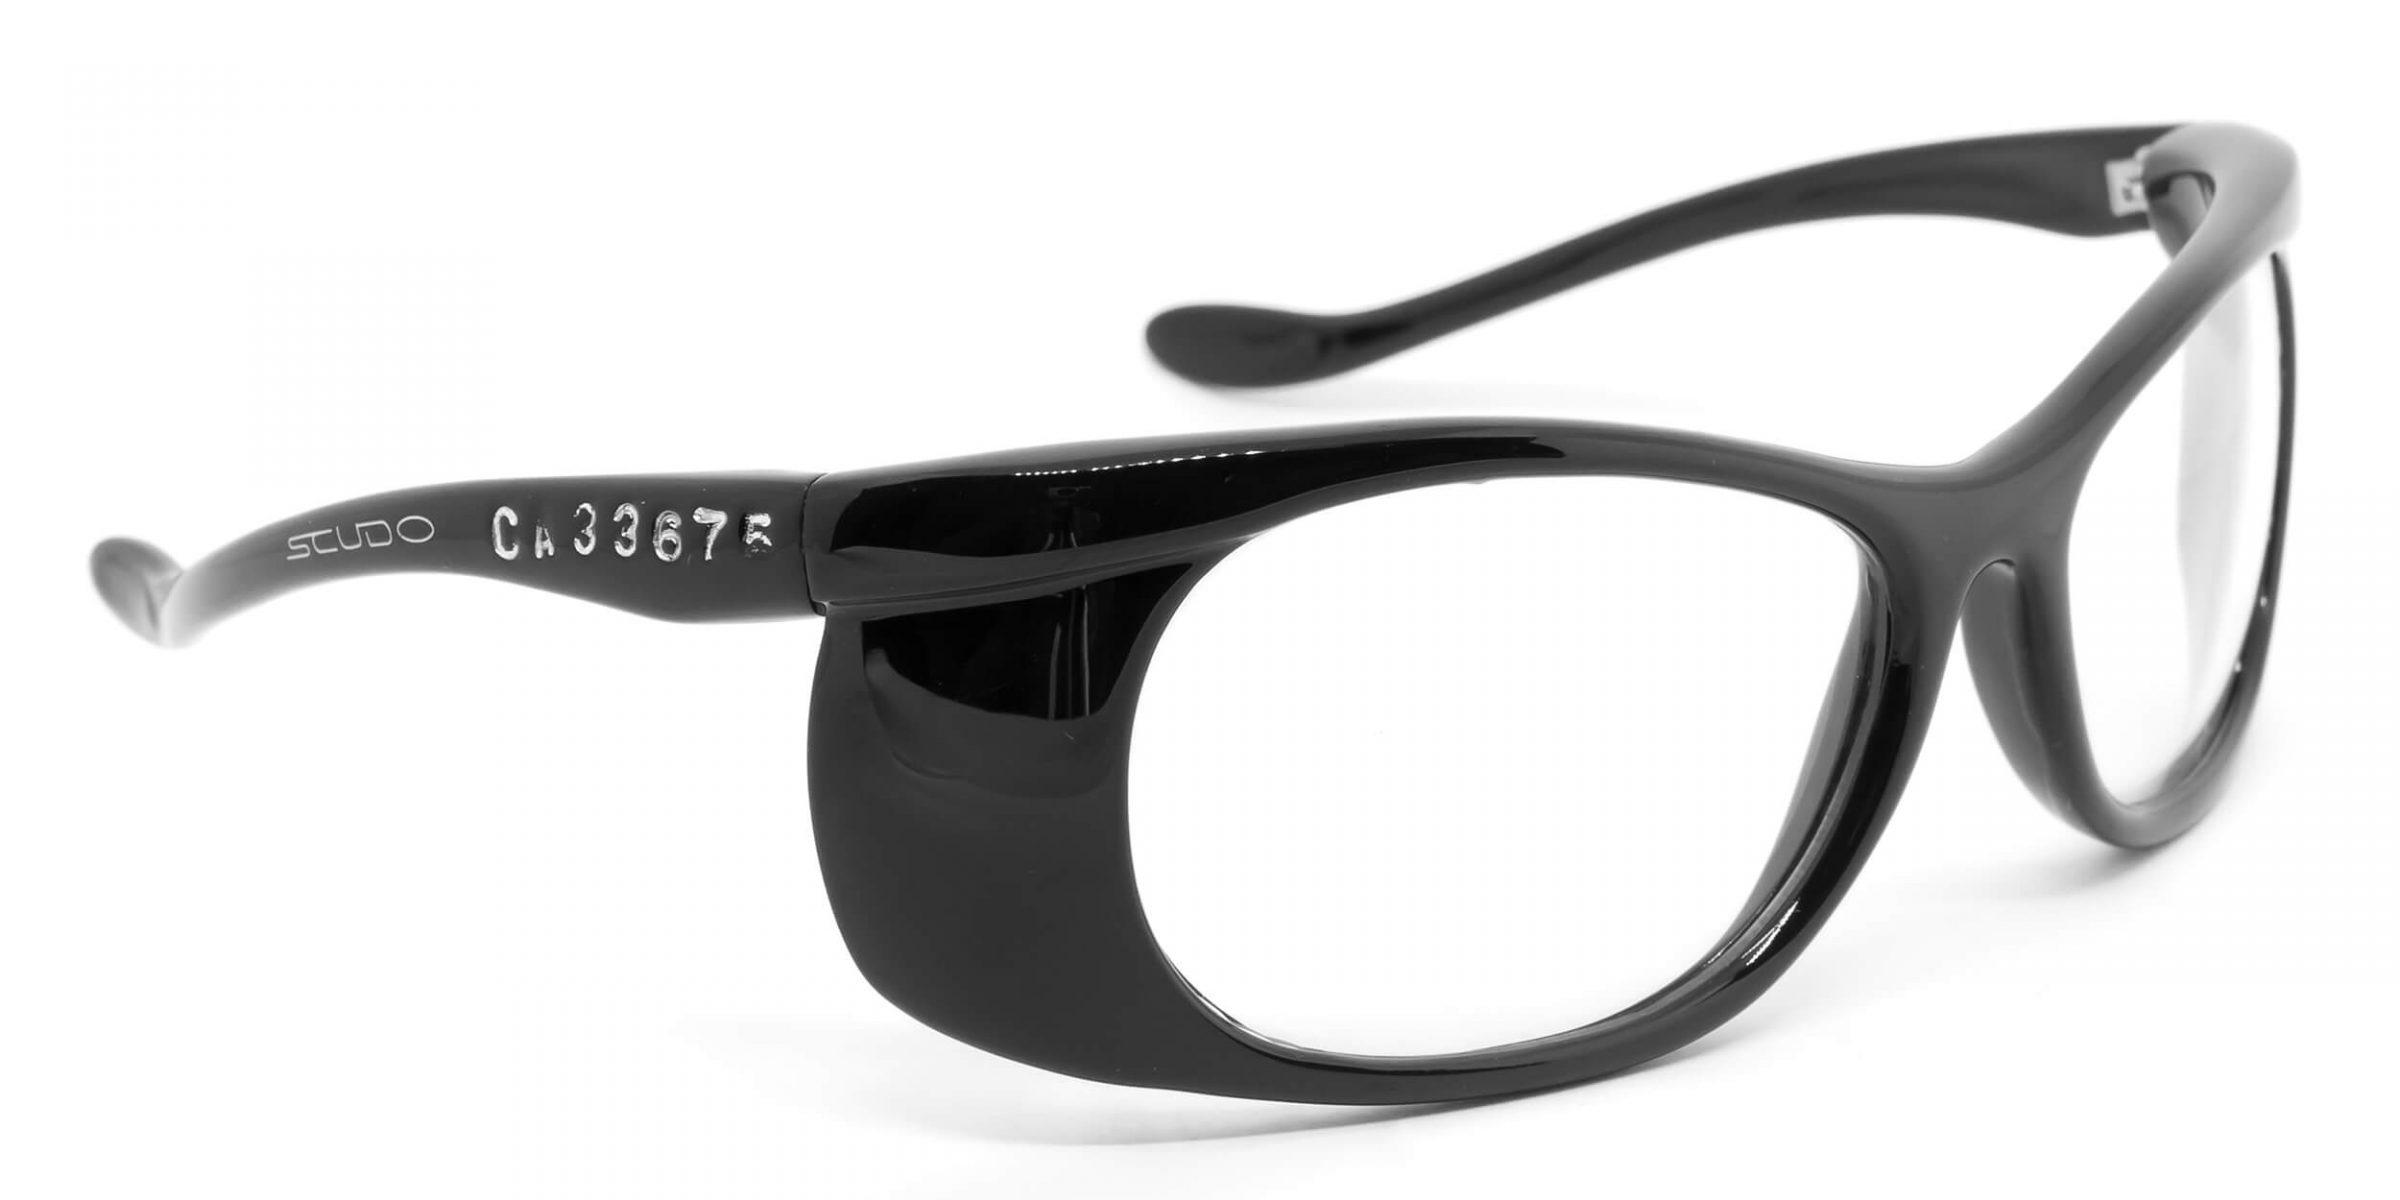 f595d9818 Óculos constituído de armação convencional termoplástico incolor cinza ou  preto, com borda superior côncava, hastes tipo espátula articuladas na  armação.